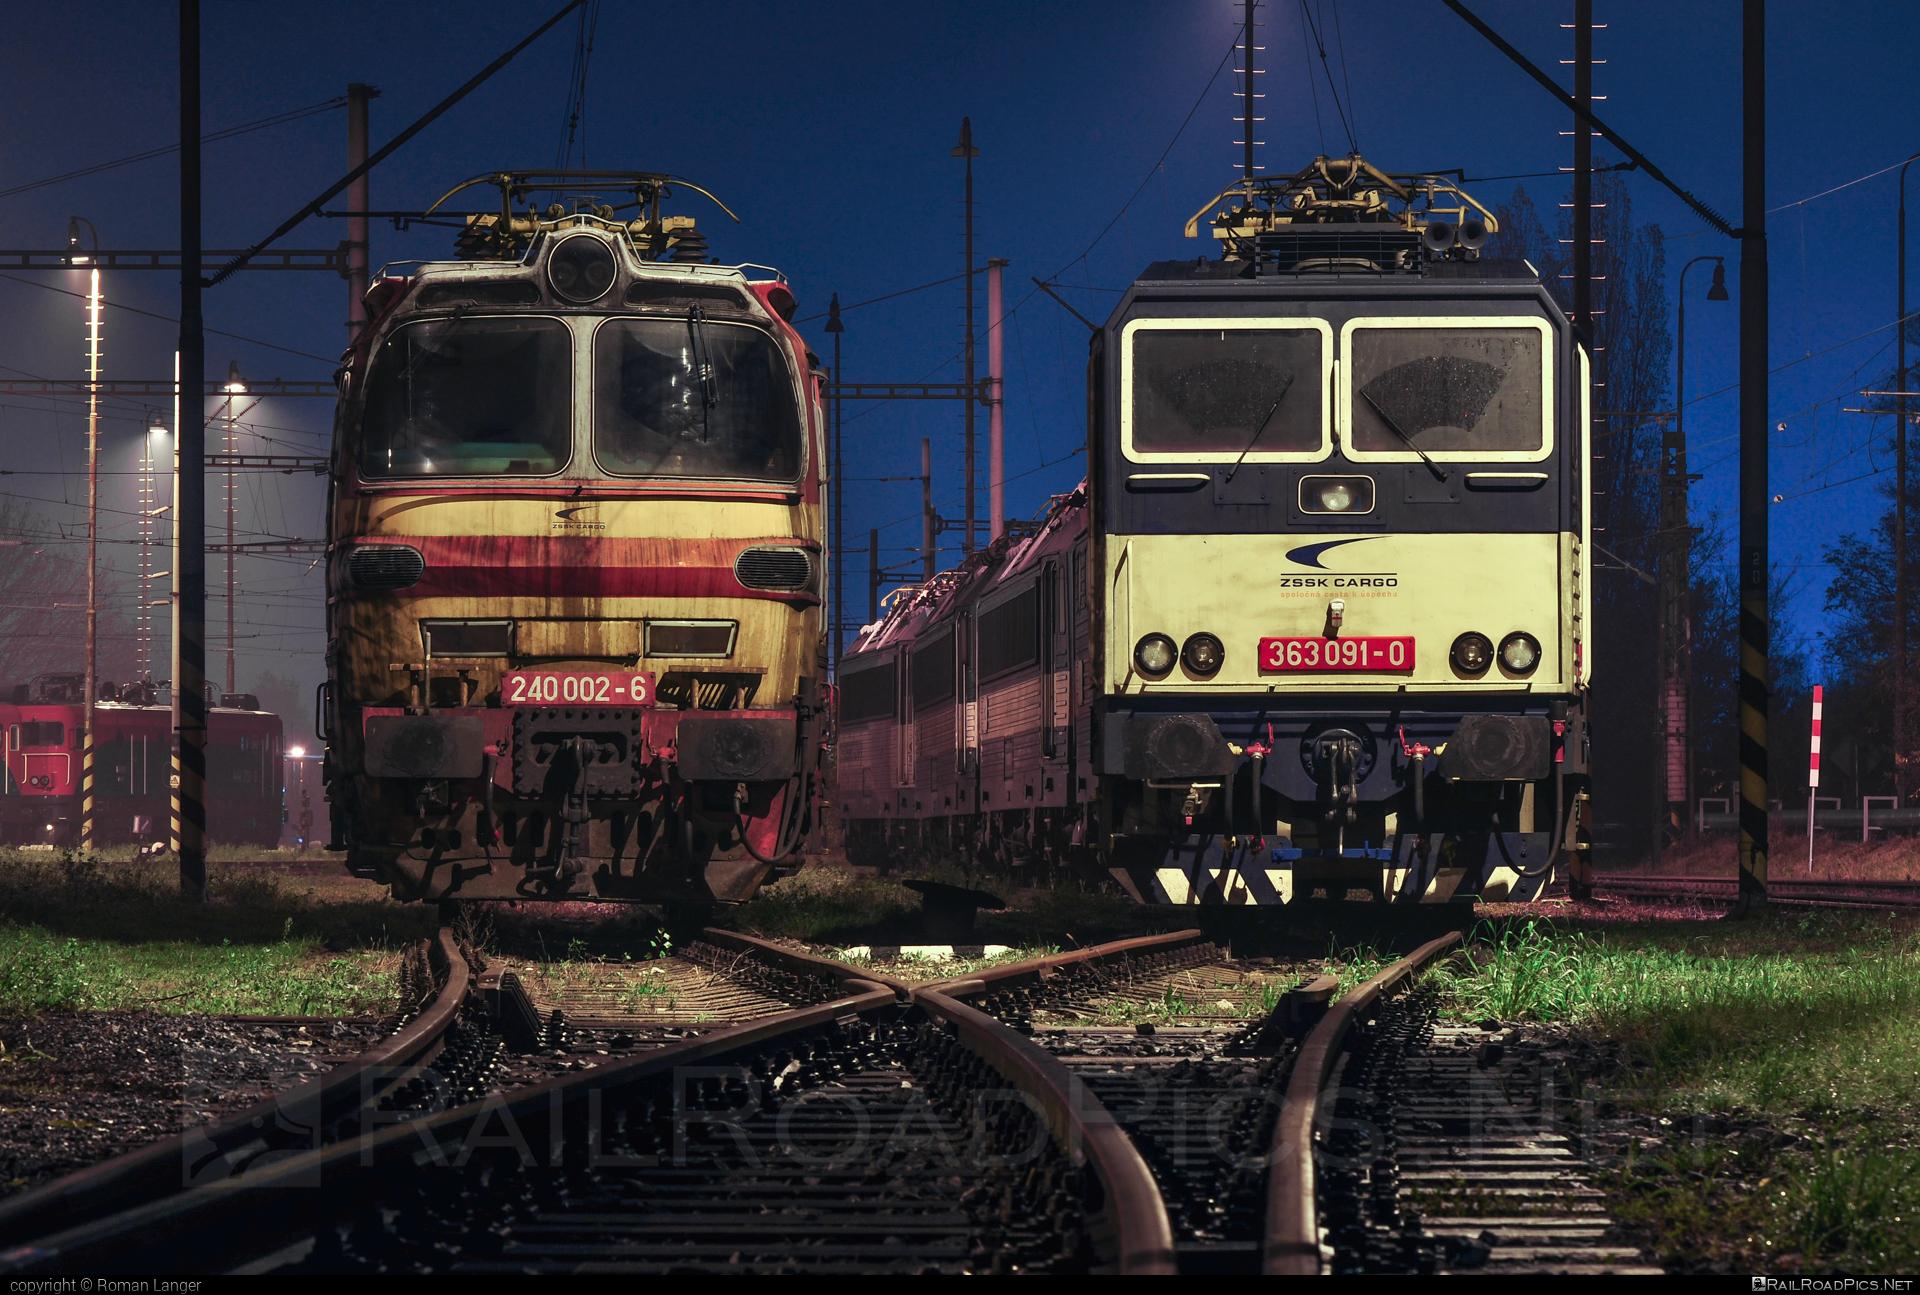 Škoda 47E - 240 002-6 operated by Železničná Spoločnost' Cargo Slovakia a.s. #ZeleznicnaSpolocnostCargoSlovakia #laminatka #locomotive240 #skoda #skoda47e #zsskcargo